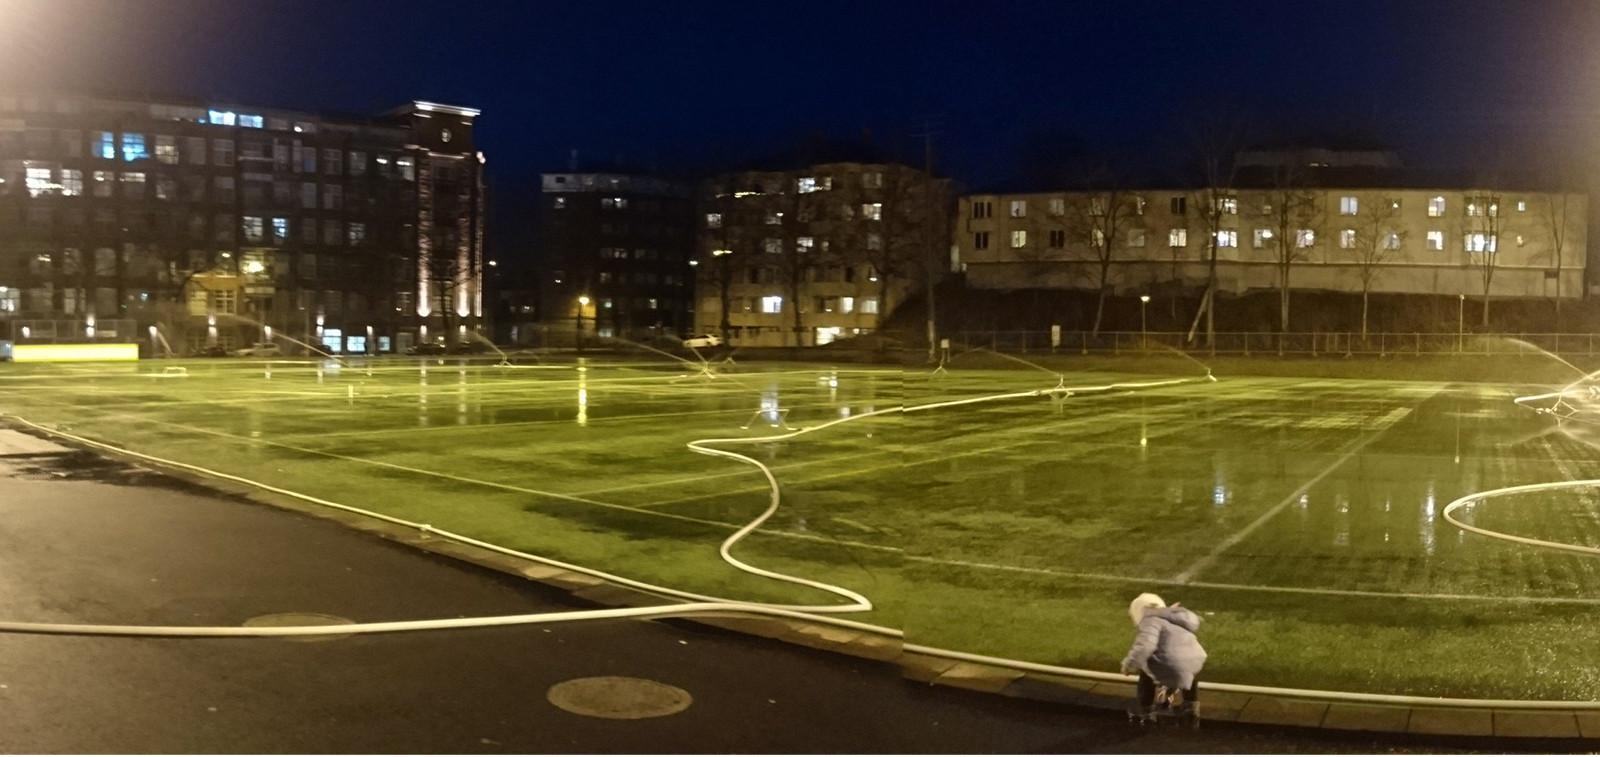 Parkin kentän pohjan kastelu käynnissä.